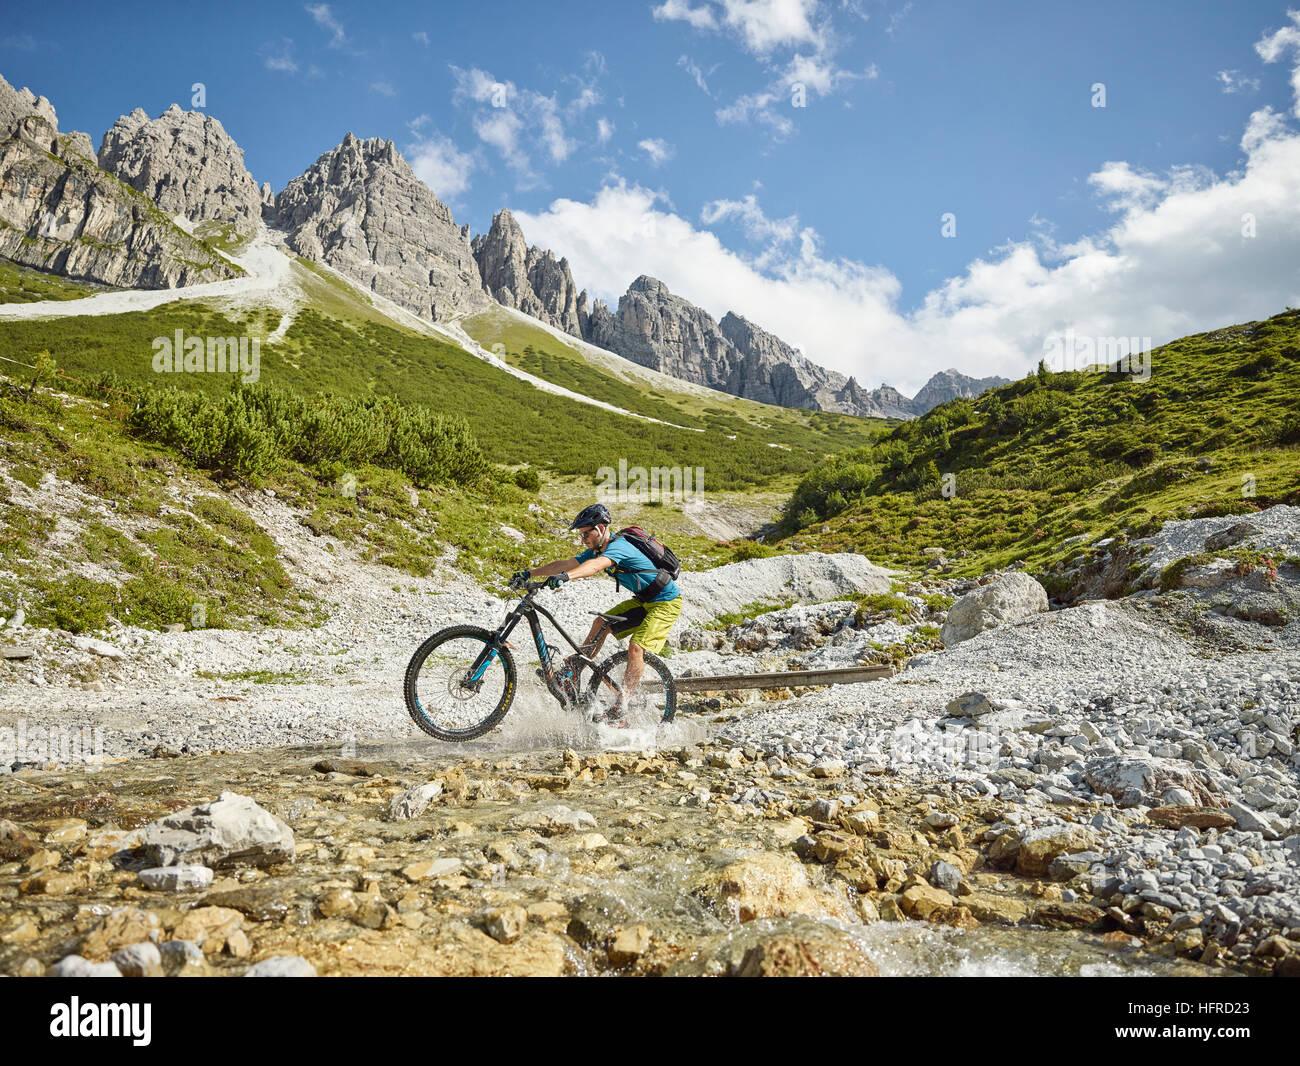 Mountainbiker rides with his mountain bike through a stream, in the background mountain chain Kalkkögel, Stubai - Stock Image